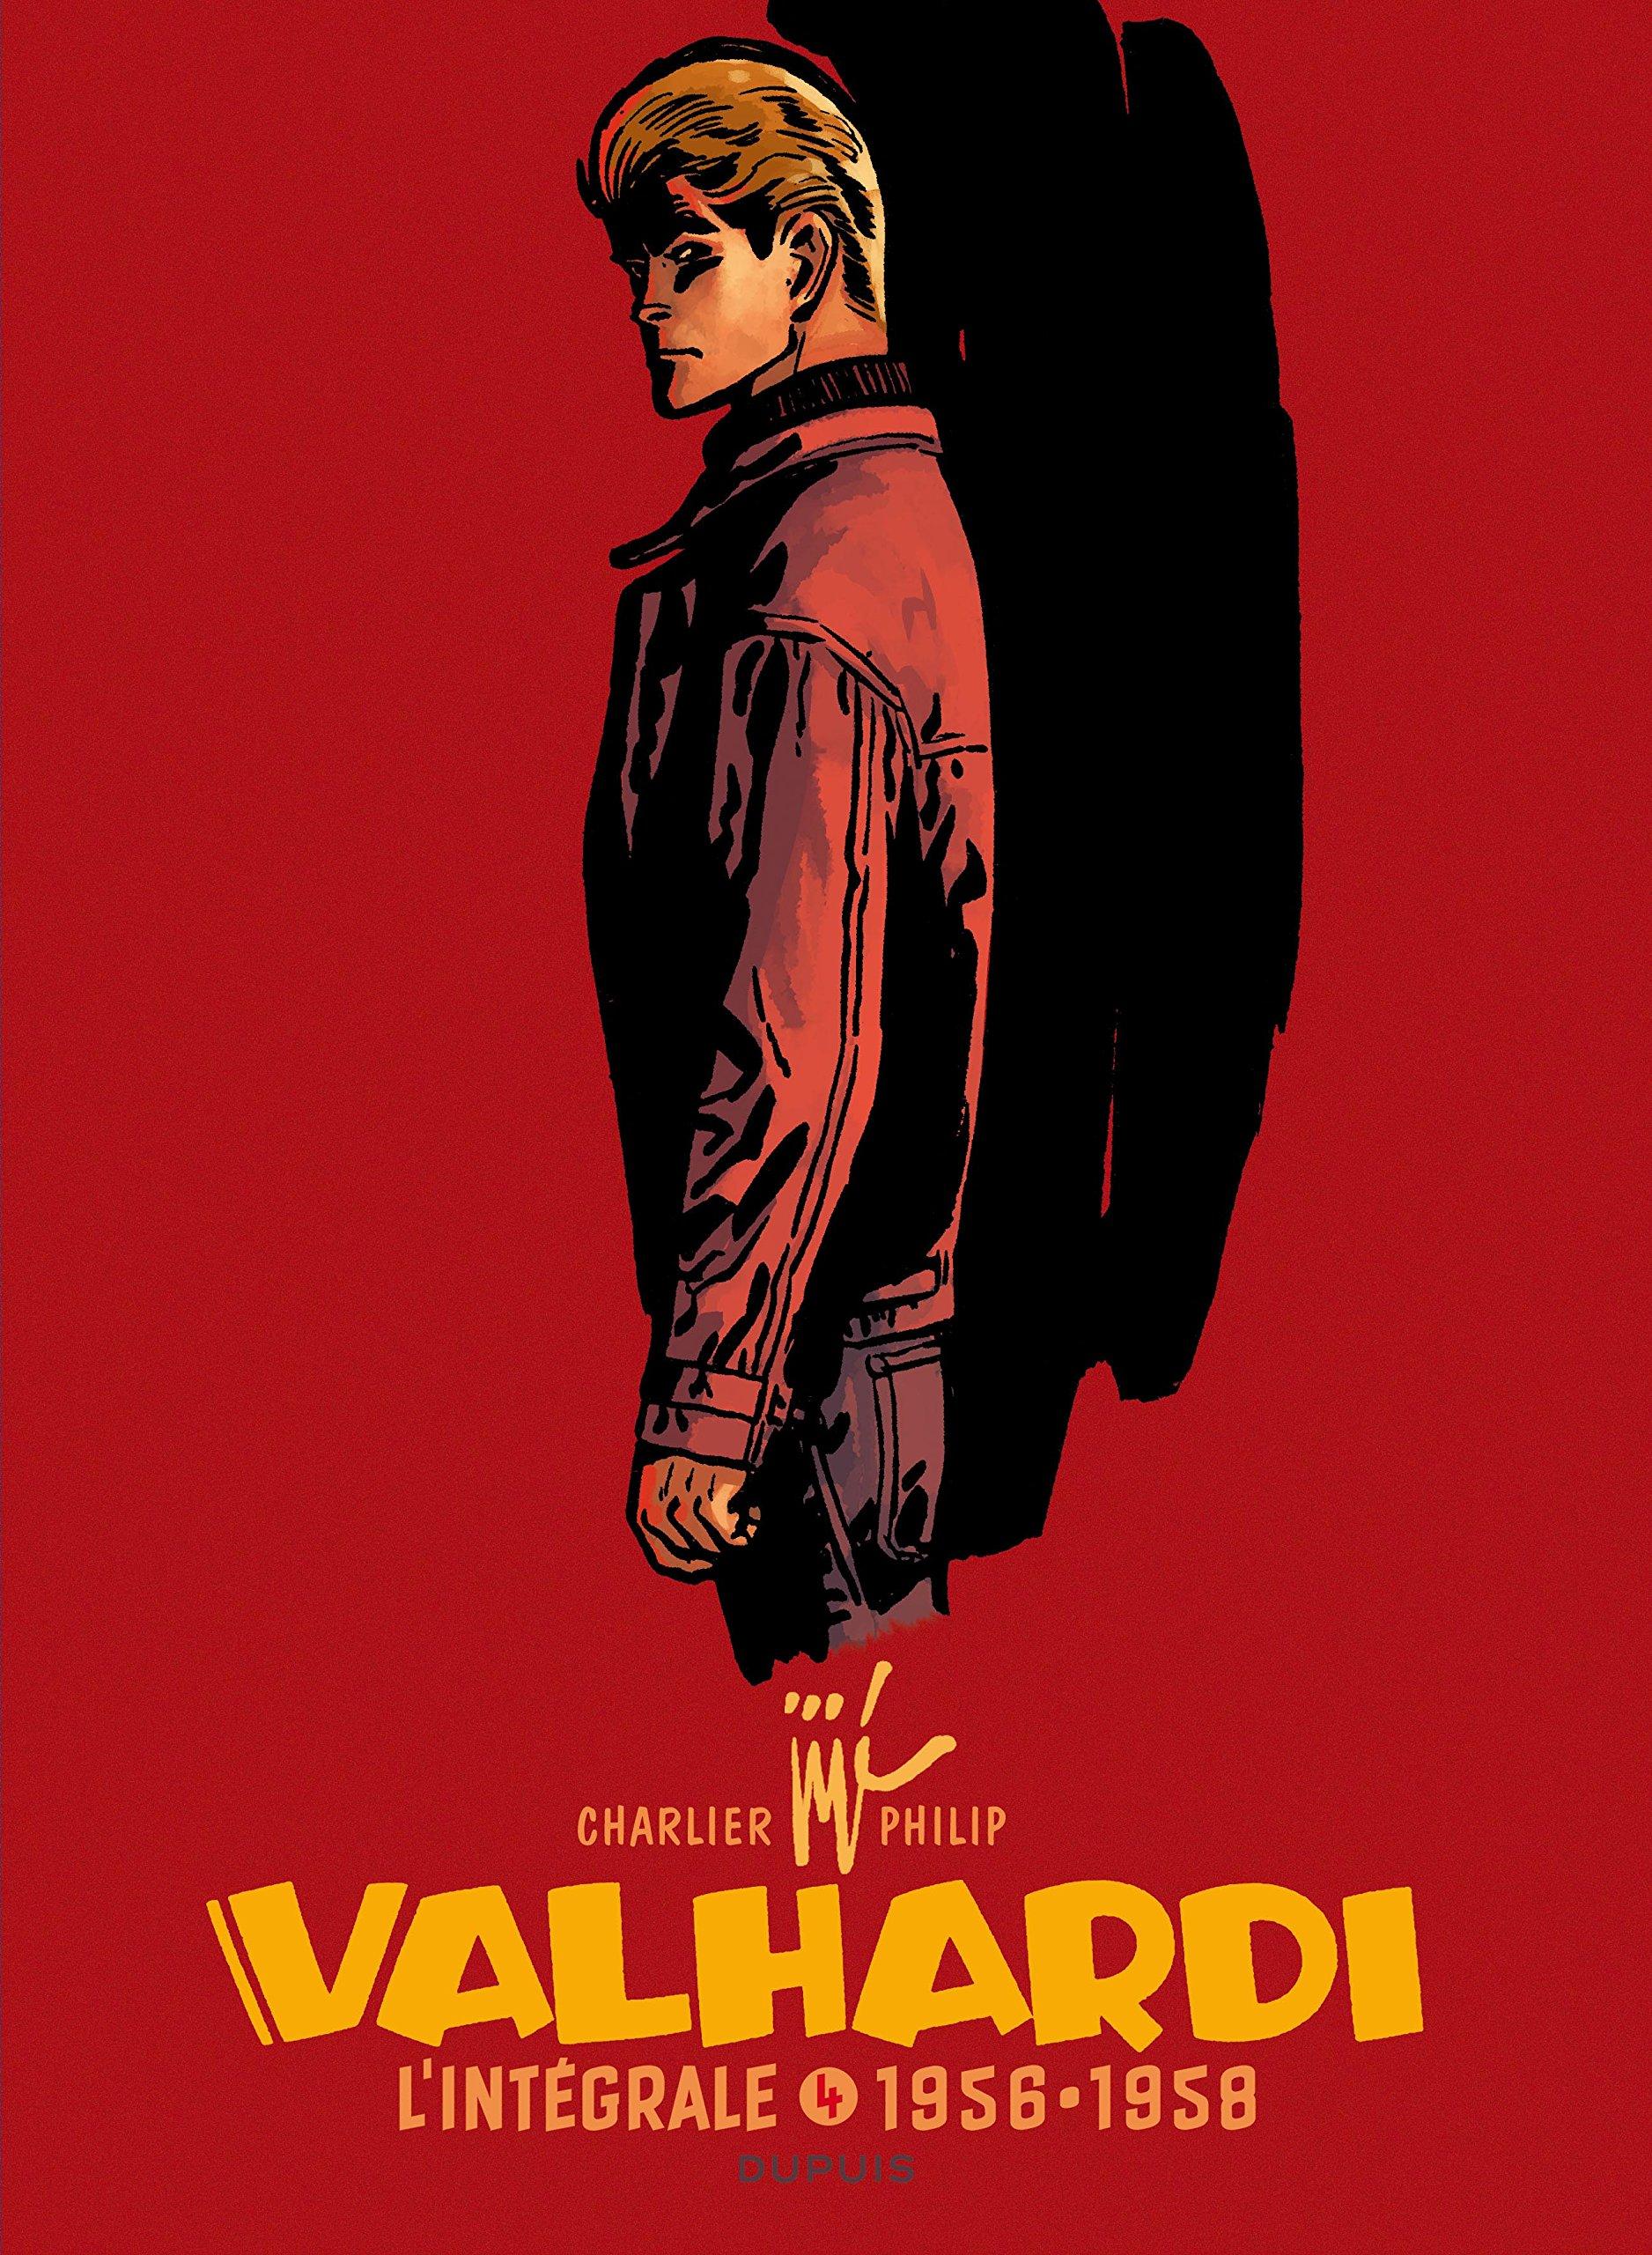 Les aventures de Jean Valhardi 4 - Intégrale, tome 4 (1956-1958)